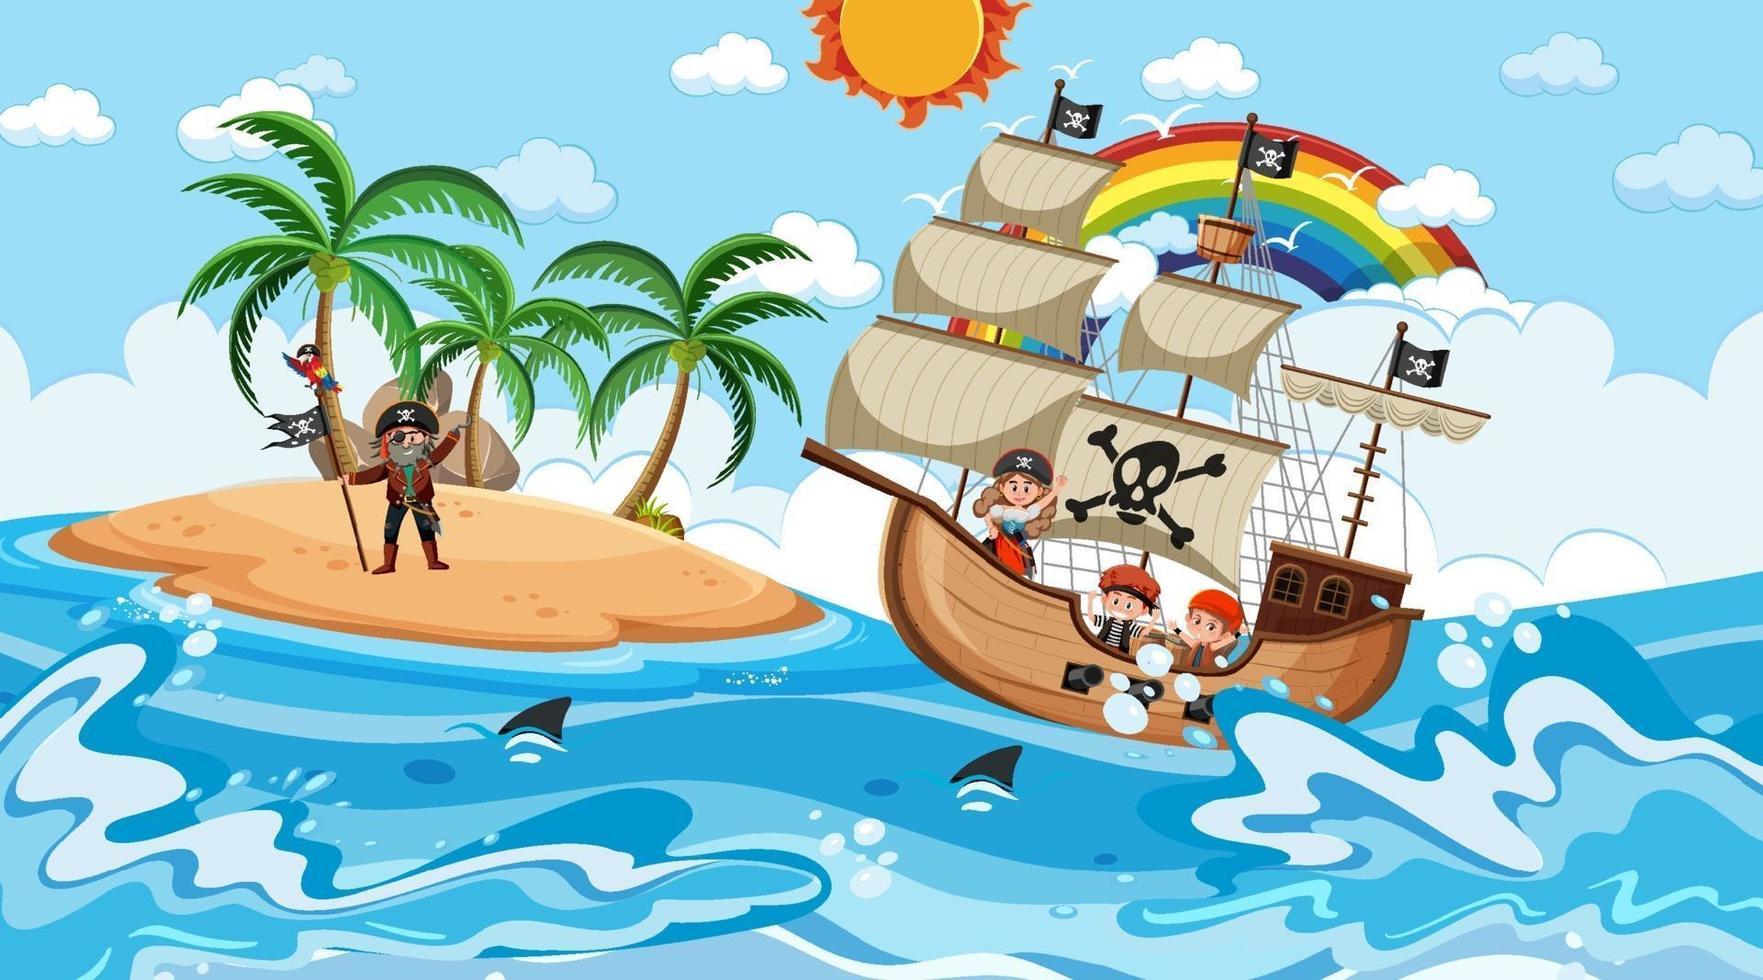 spiaggia con nave pirata nella scena diurna in stile cartone animato vettore